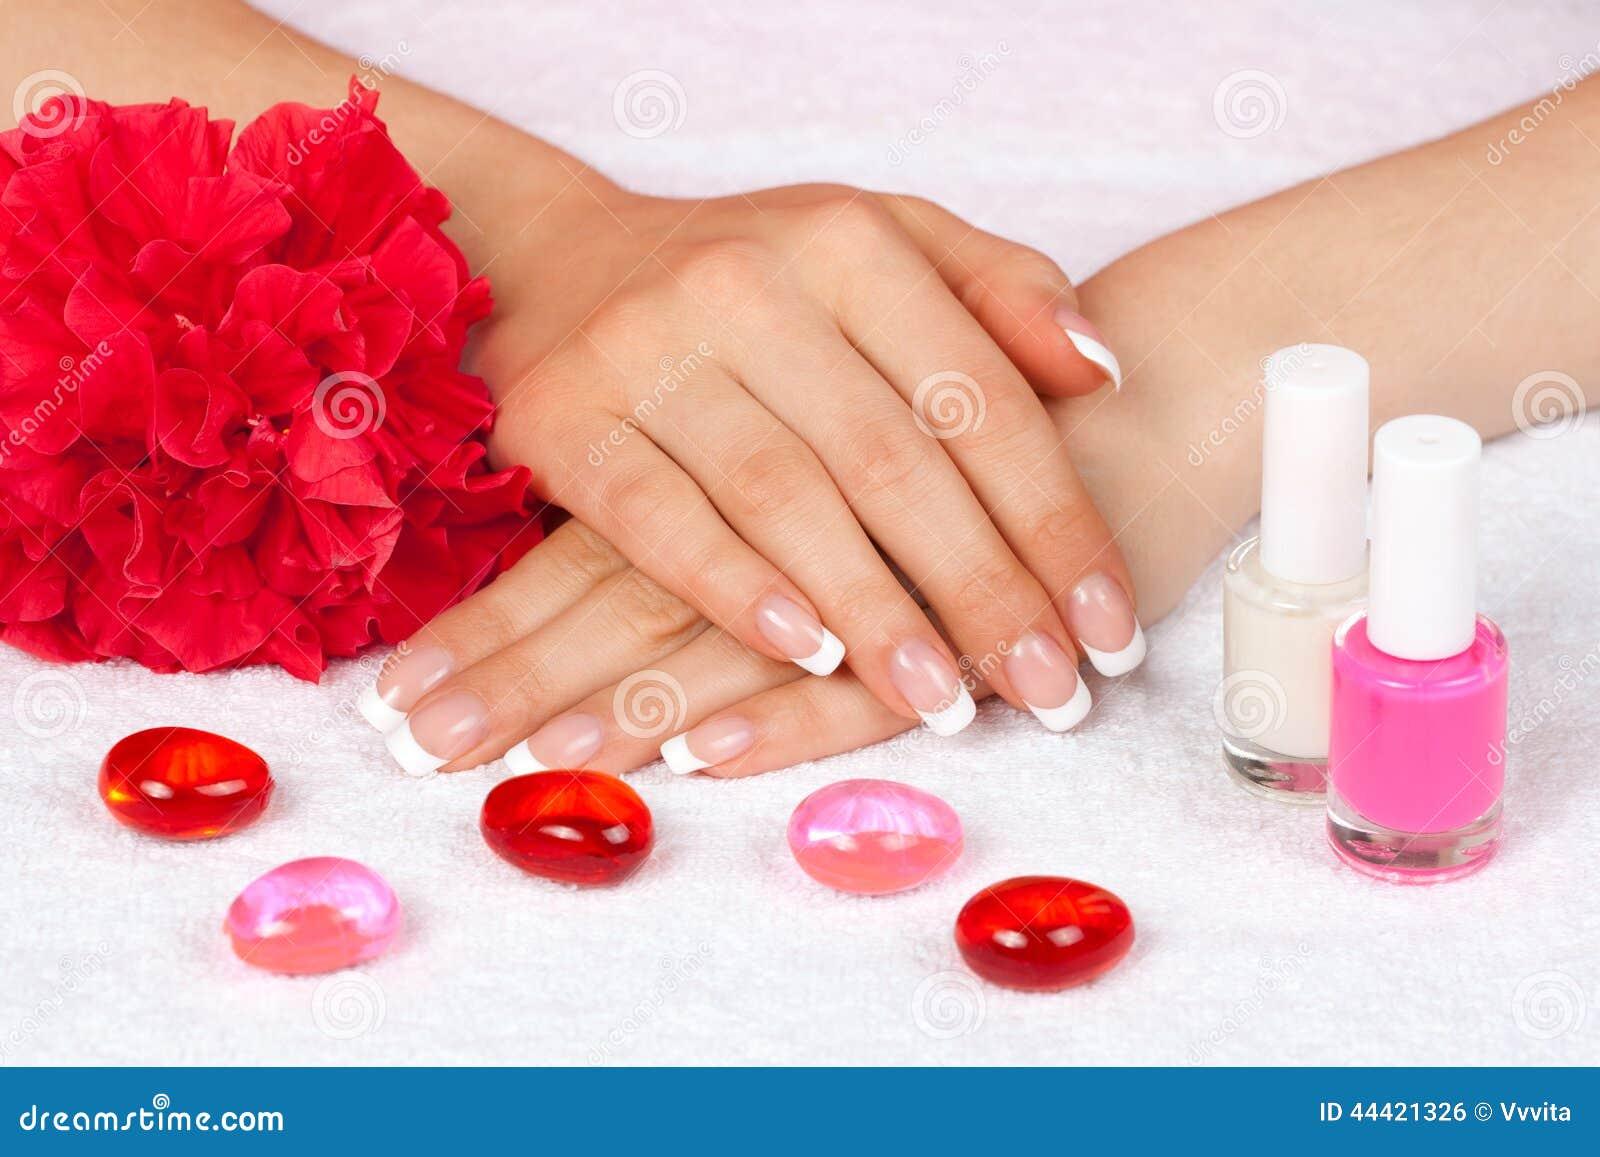 Perfect Aroma Nail Spa